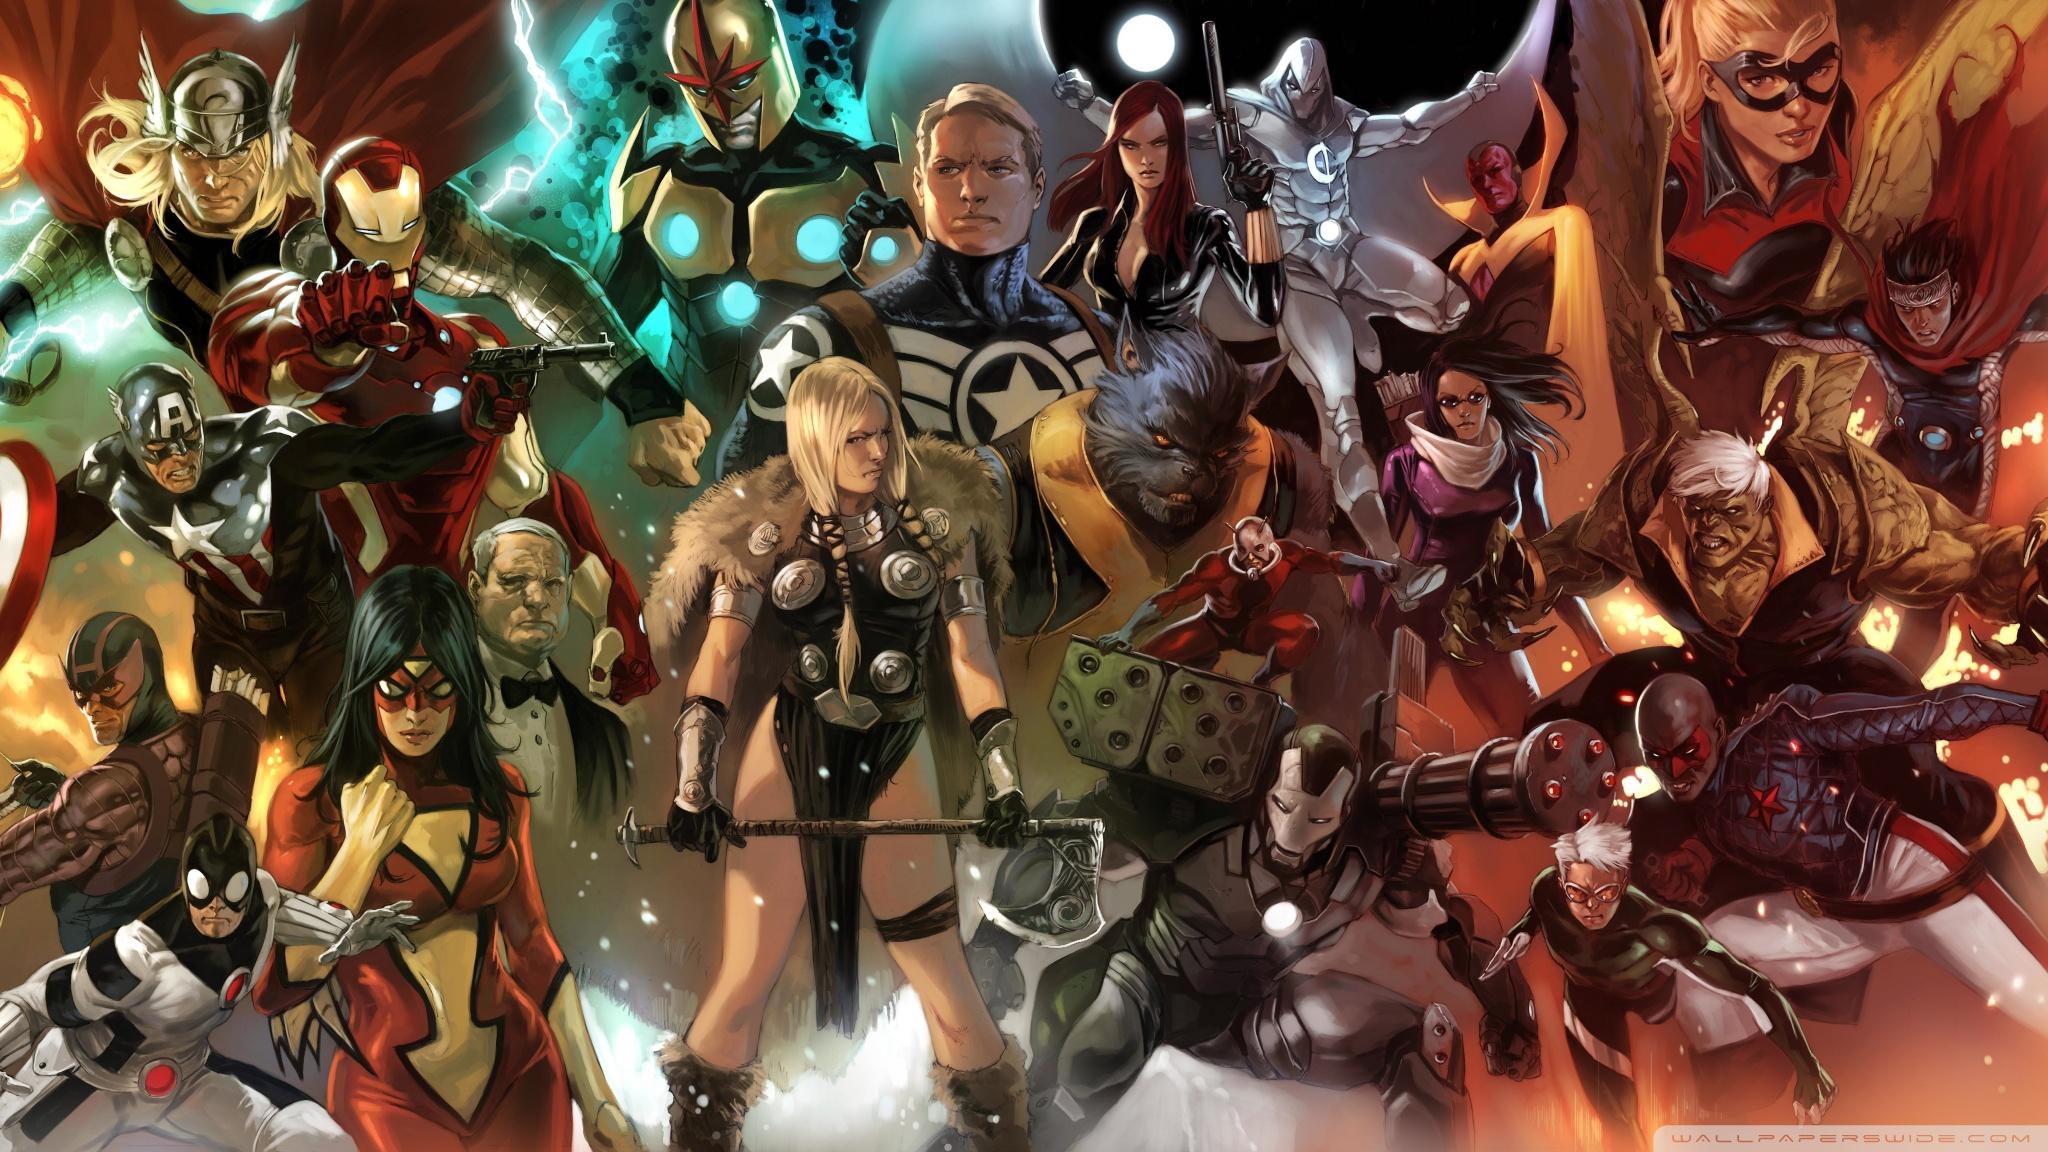 Marvel Comics Characters Wallpaper 20481152 162054 HD Wallpaper Res 2048x1152